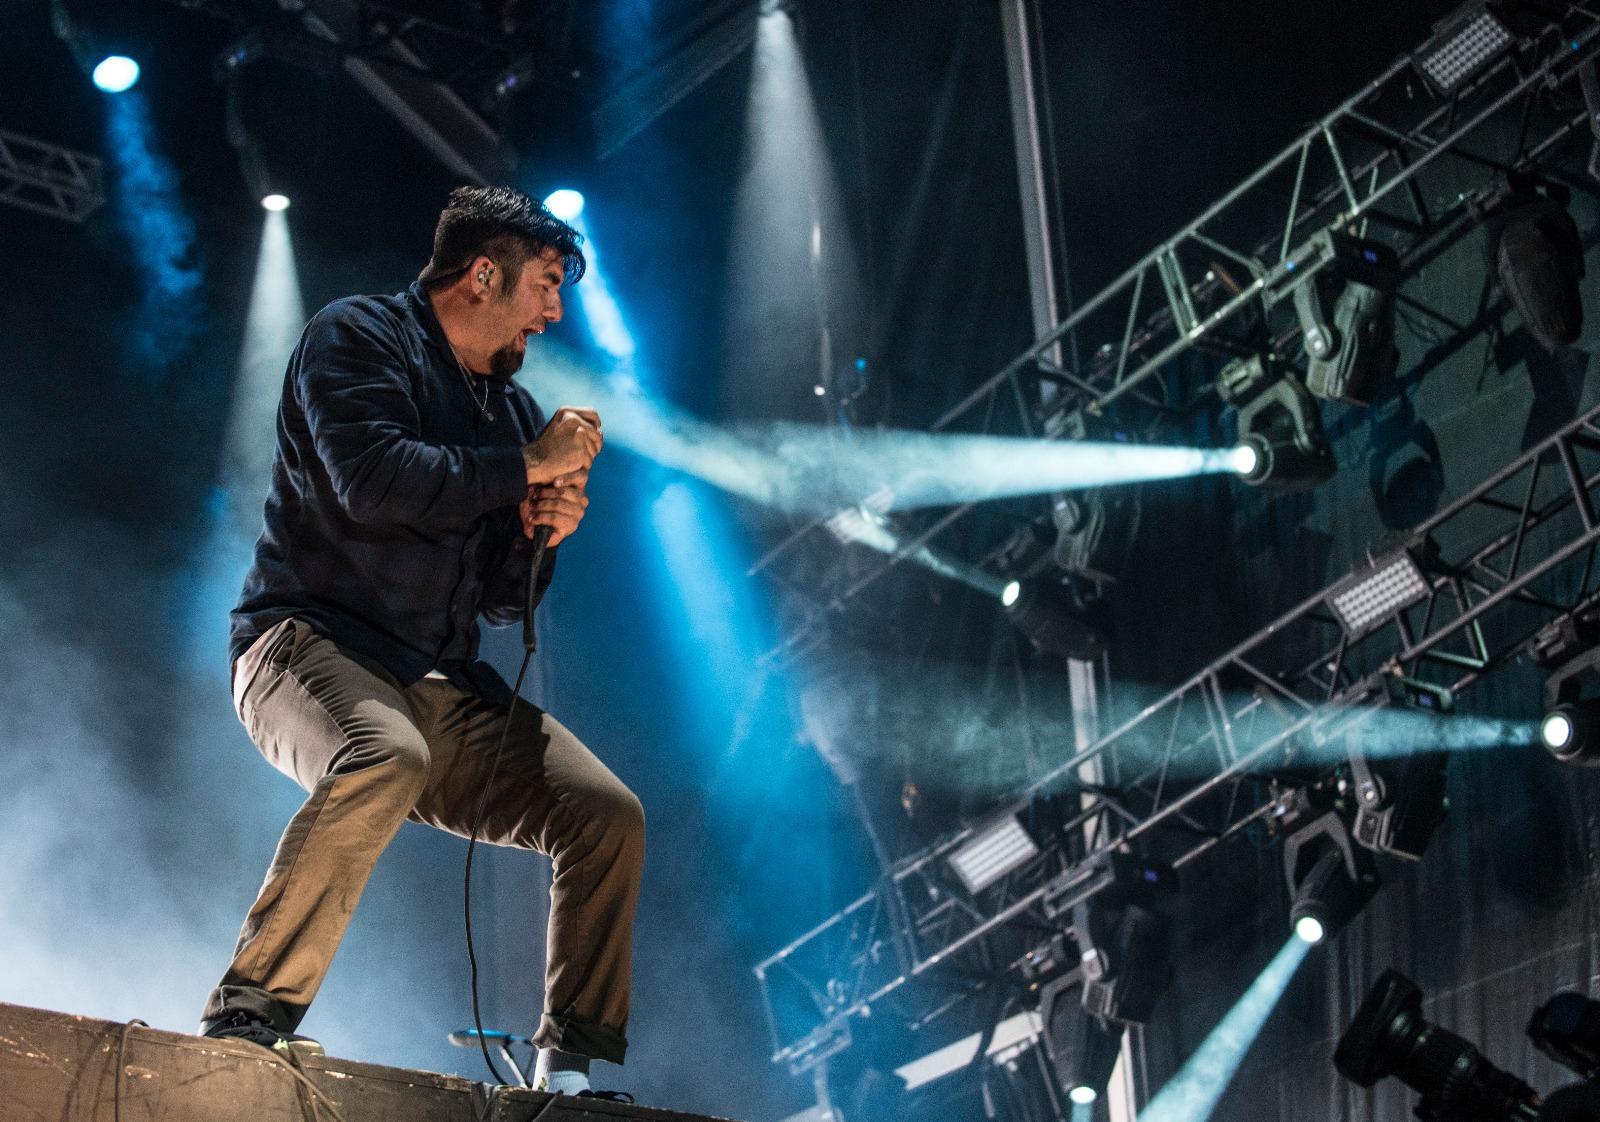 ¡Chino Moreno se rompe el pie durante un concierto y continúa cantando!